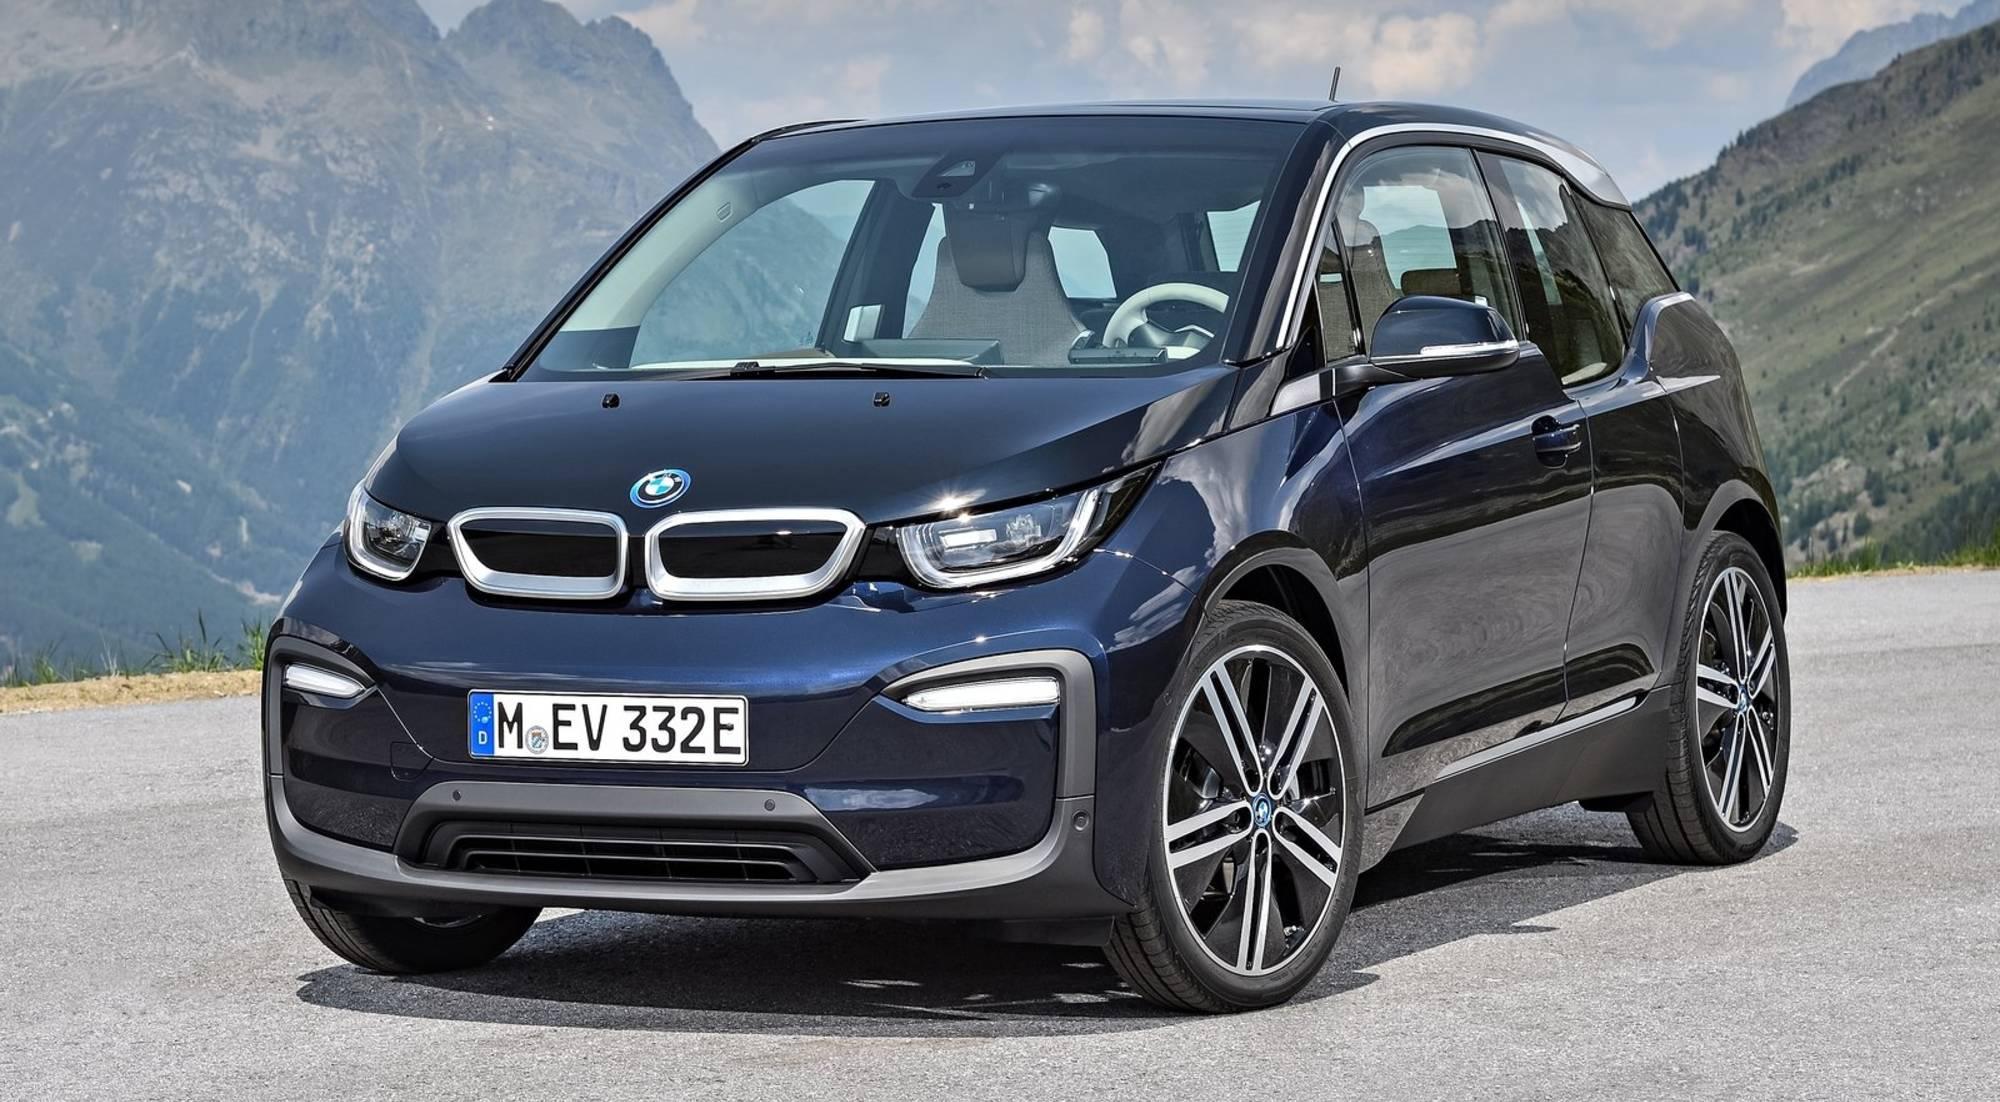 21 coches eléctricos con descuentos de hasta 10.000 euros